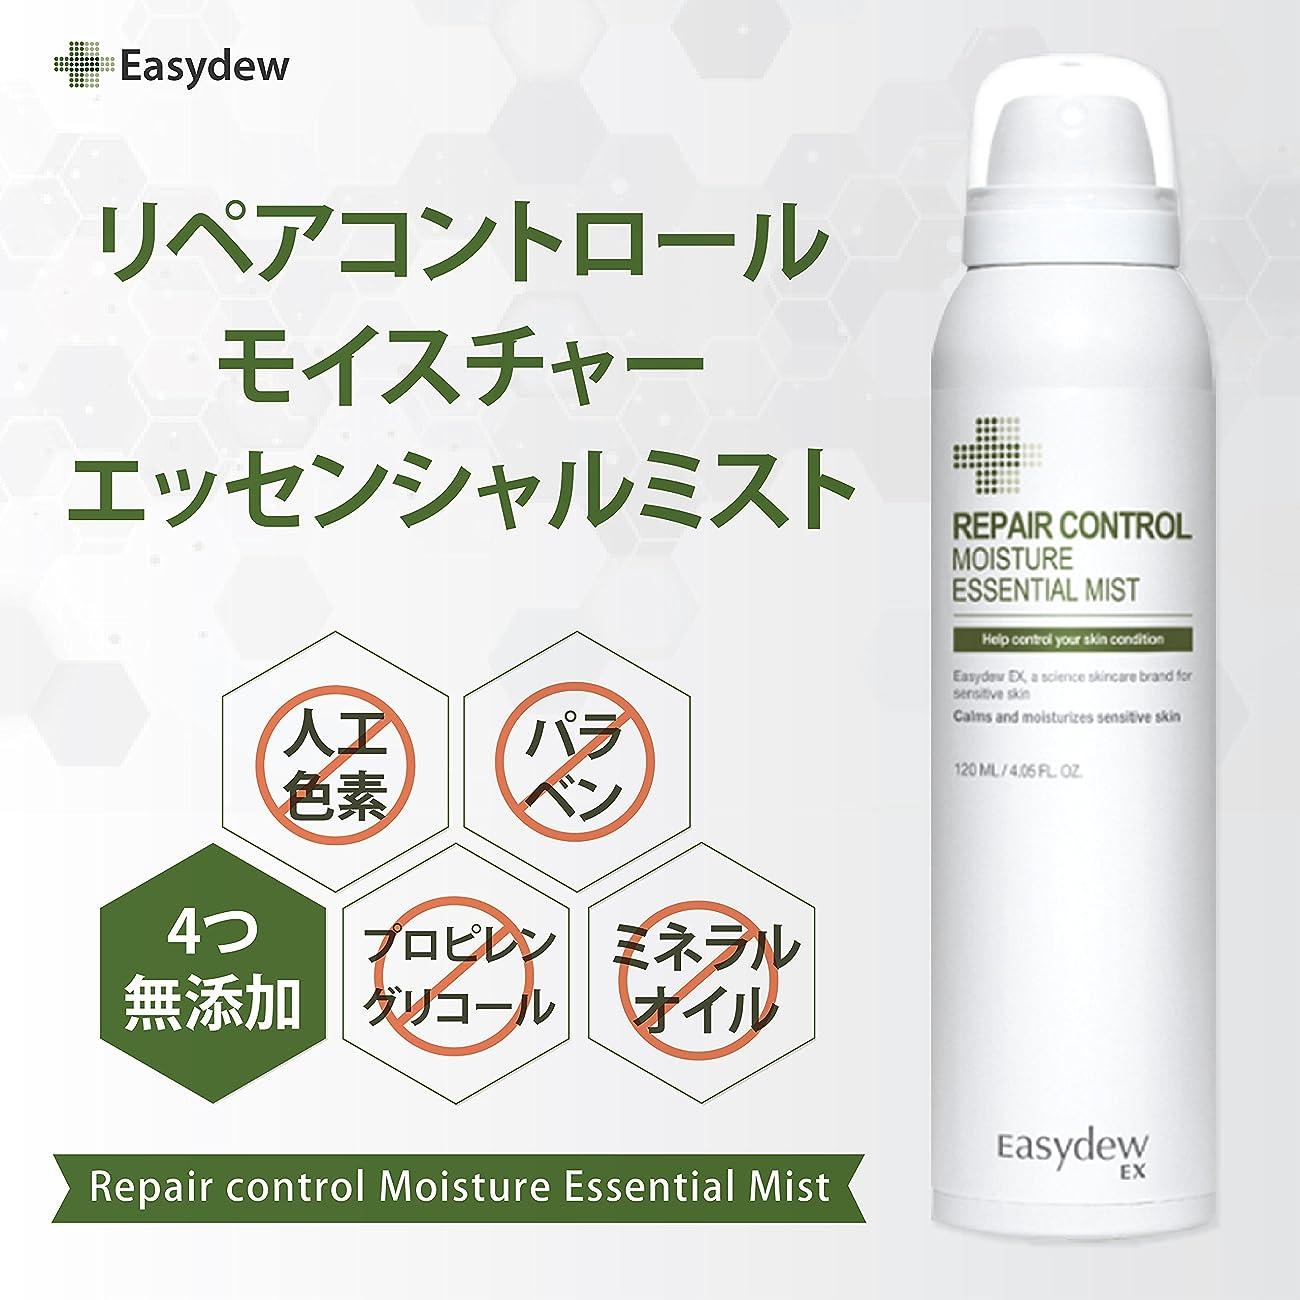 鈍い住居キャンセルEASYDEW EX リペア コントロール モイスチャー エッセンシャル ミスト Repair Control Moisture Essential Mist 120ml